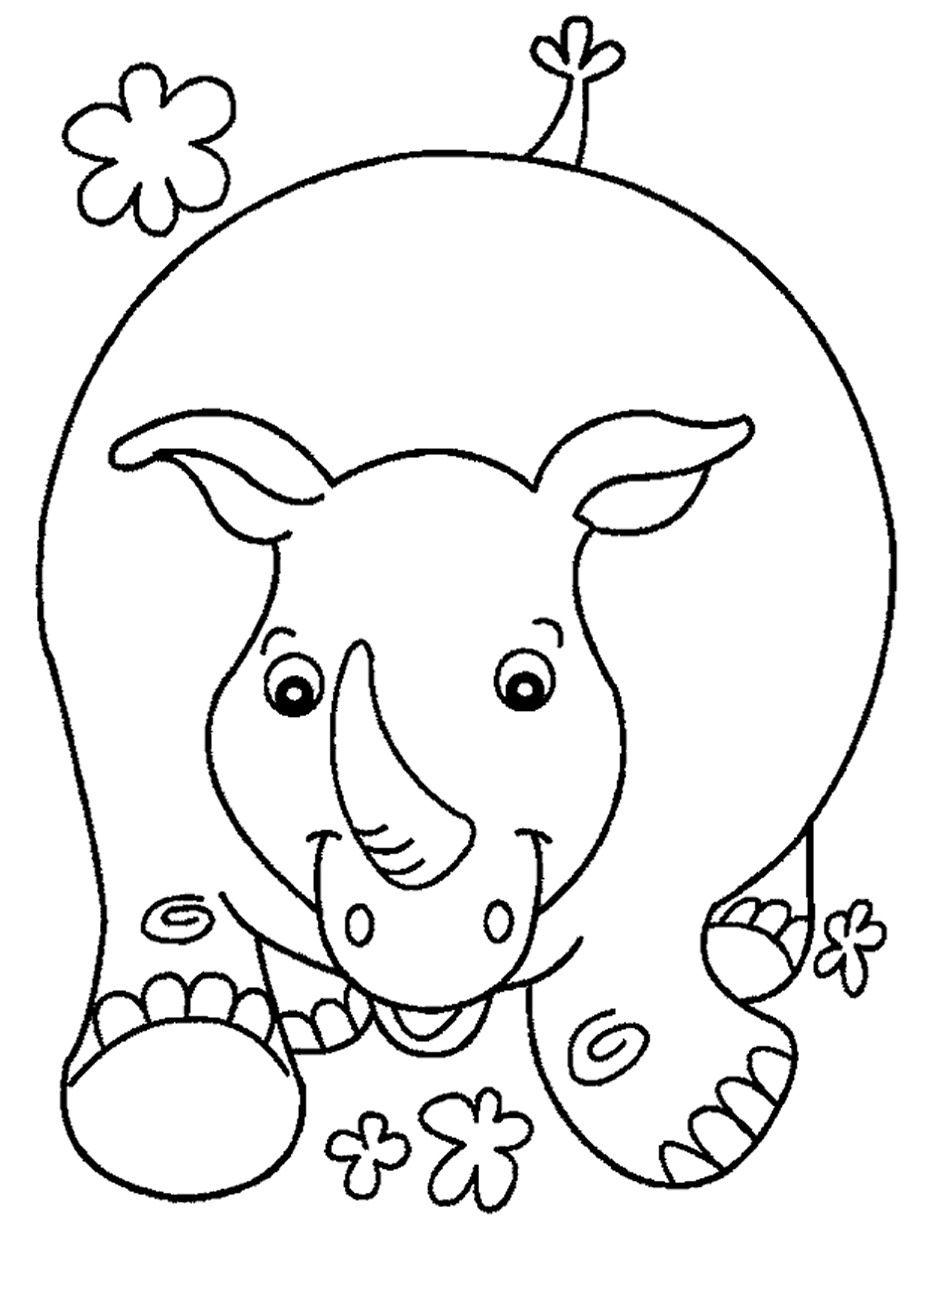 tiere 57 ausmalbilder für kinder malvorlagen zum